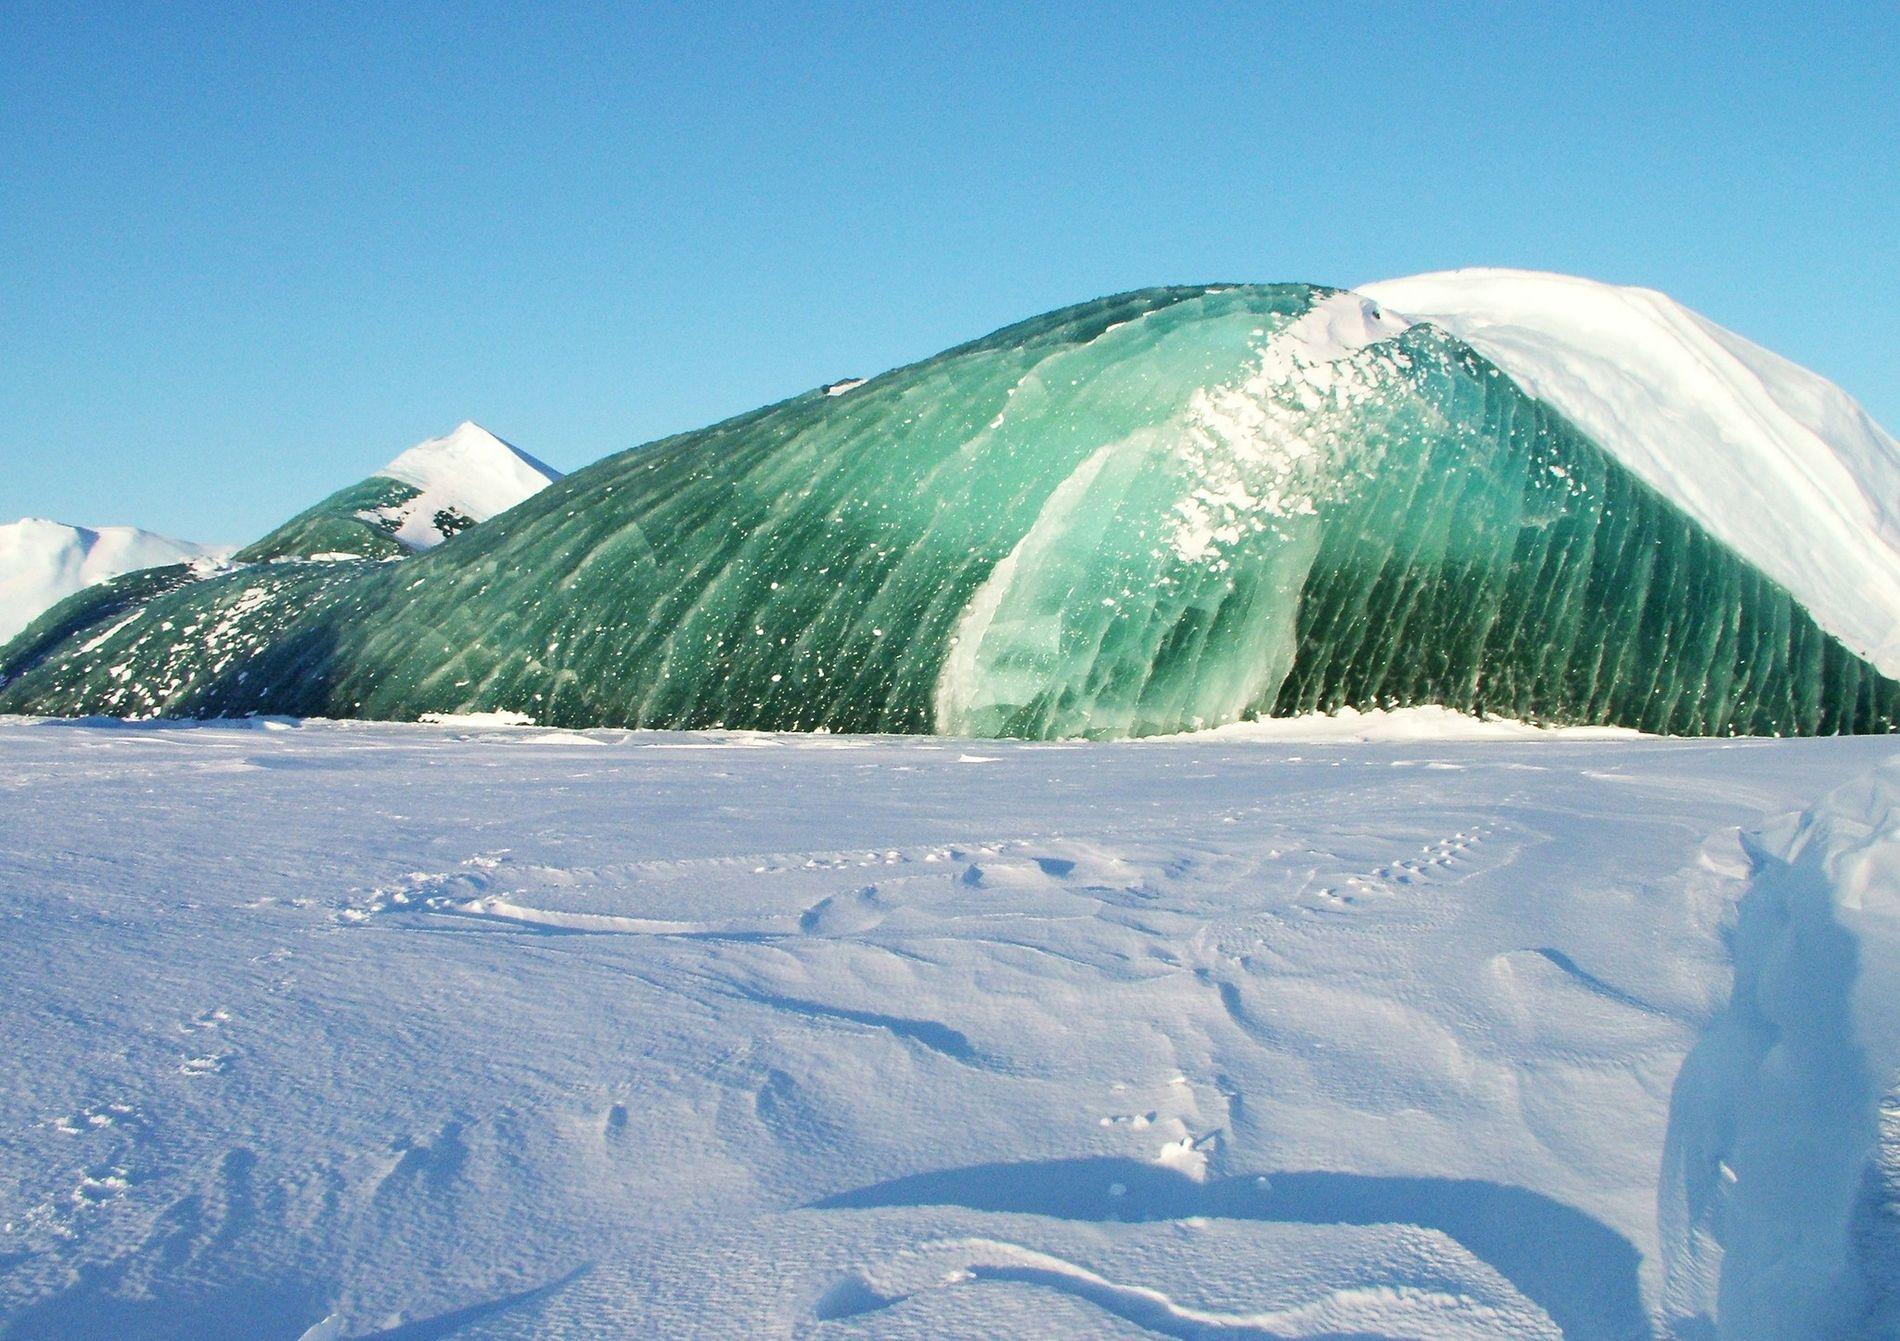 Comme les icebergs bleus, les icebergs verts se parent souvent d'une transparence bluffante, synonyme d'une faible présence de bulles d'air.